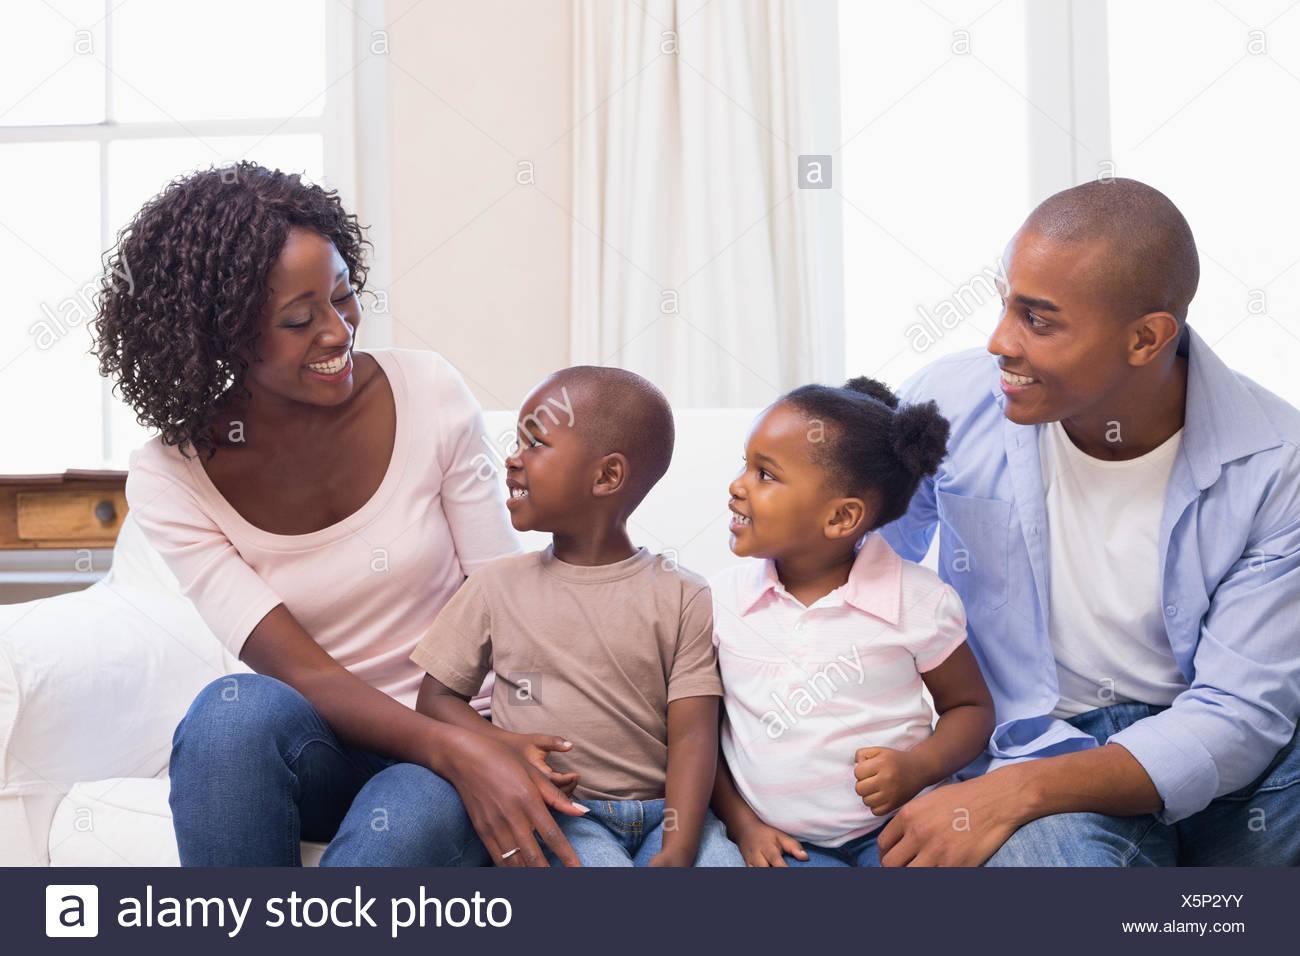 Glückliche Familie zusammen auf der Couch sitzen Stockfoto